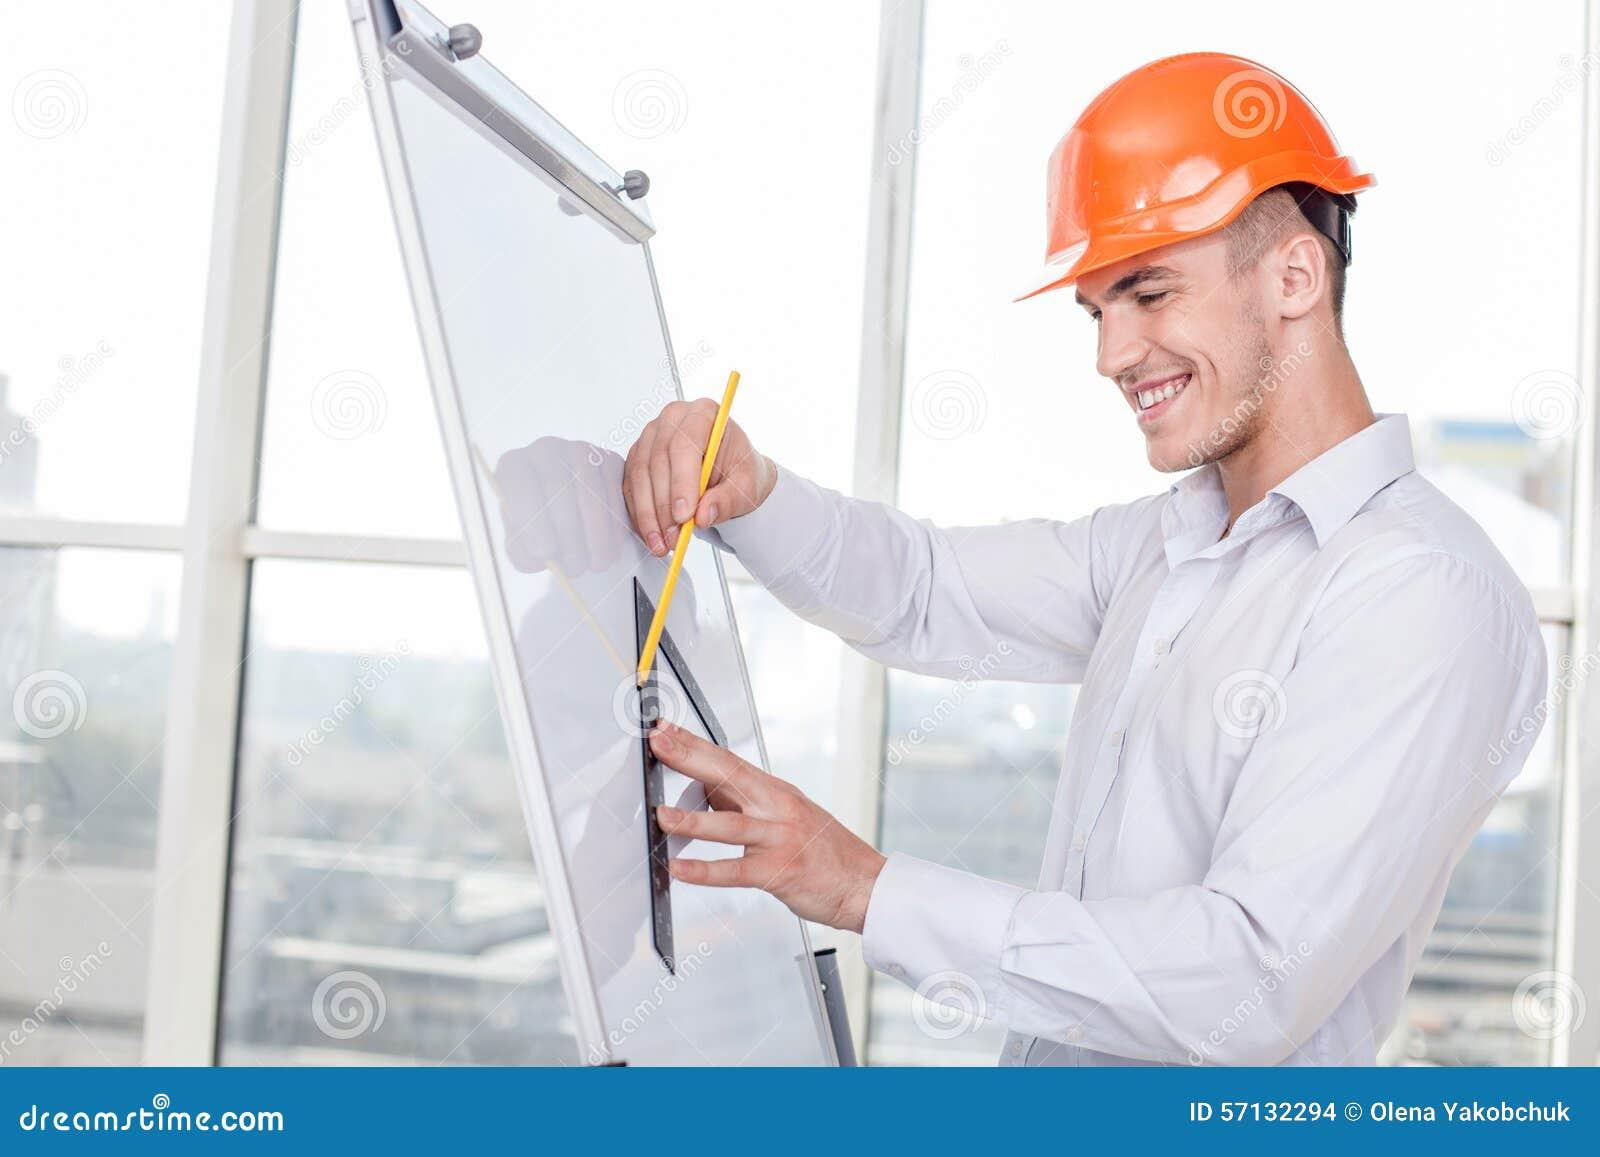 El arquitecto joven atractivo est trabajando en plan de for Todo para el arquitecto